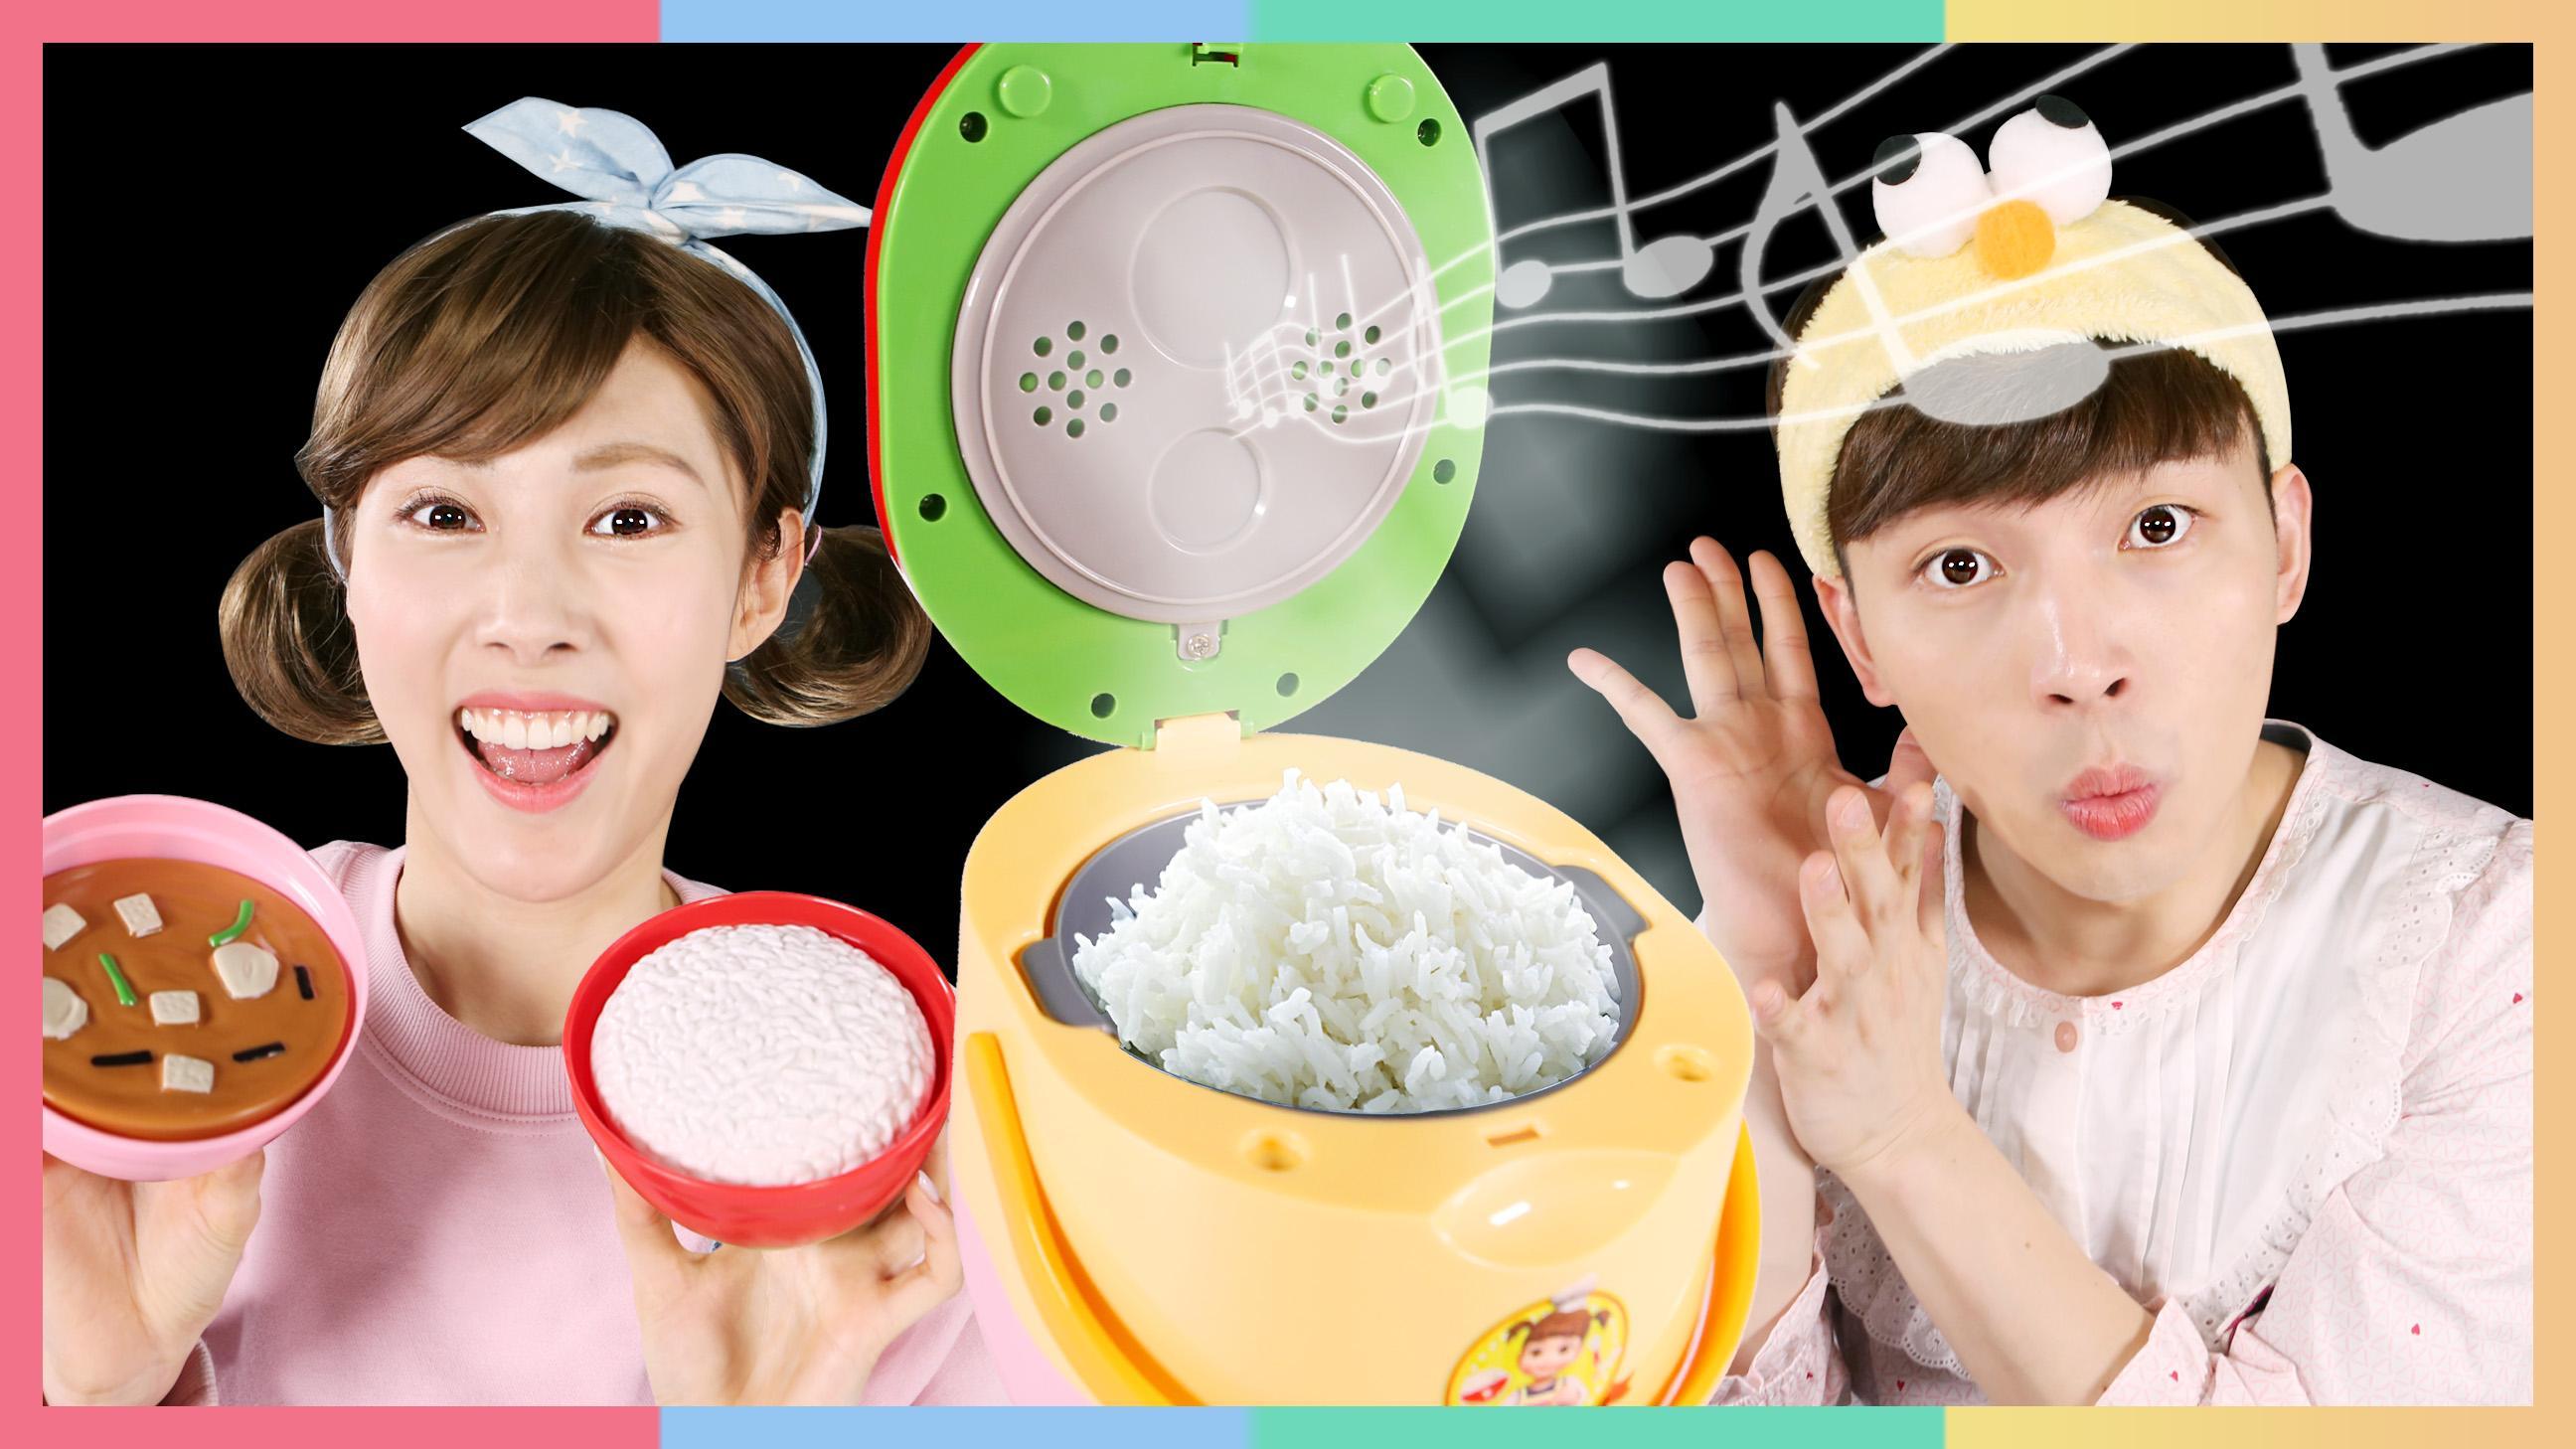 会做饭也会说话的神奇电饭锅   凯利和玩具朋友们 CarrieAndToys